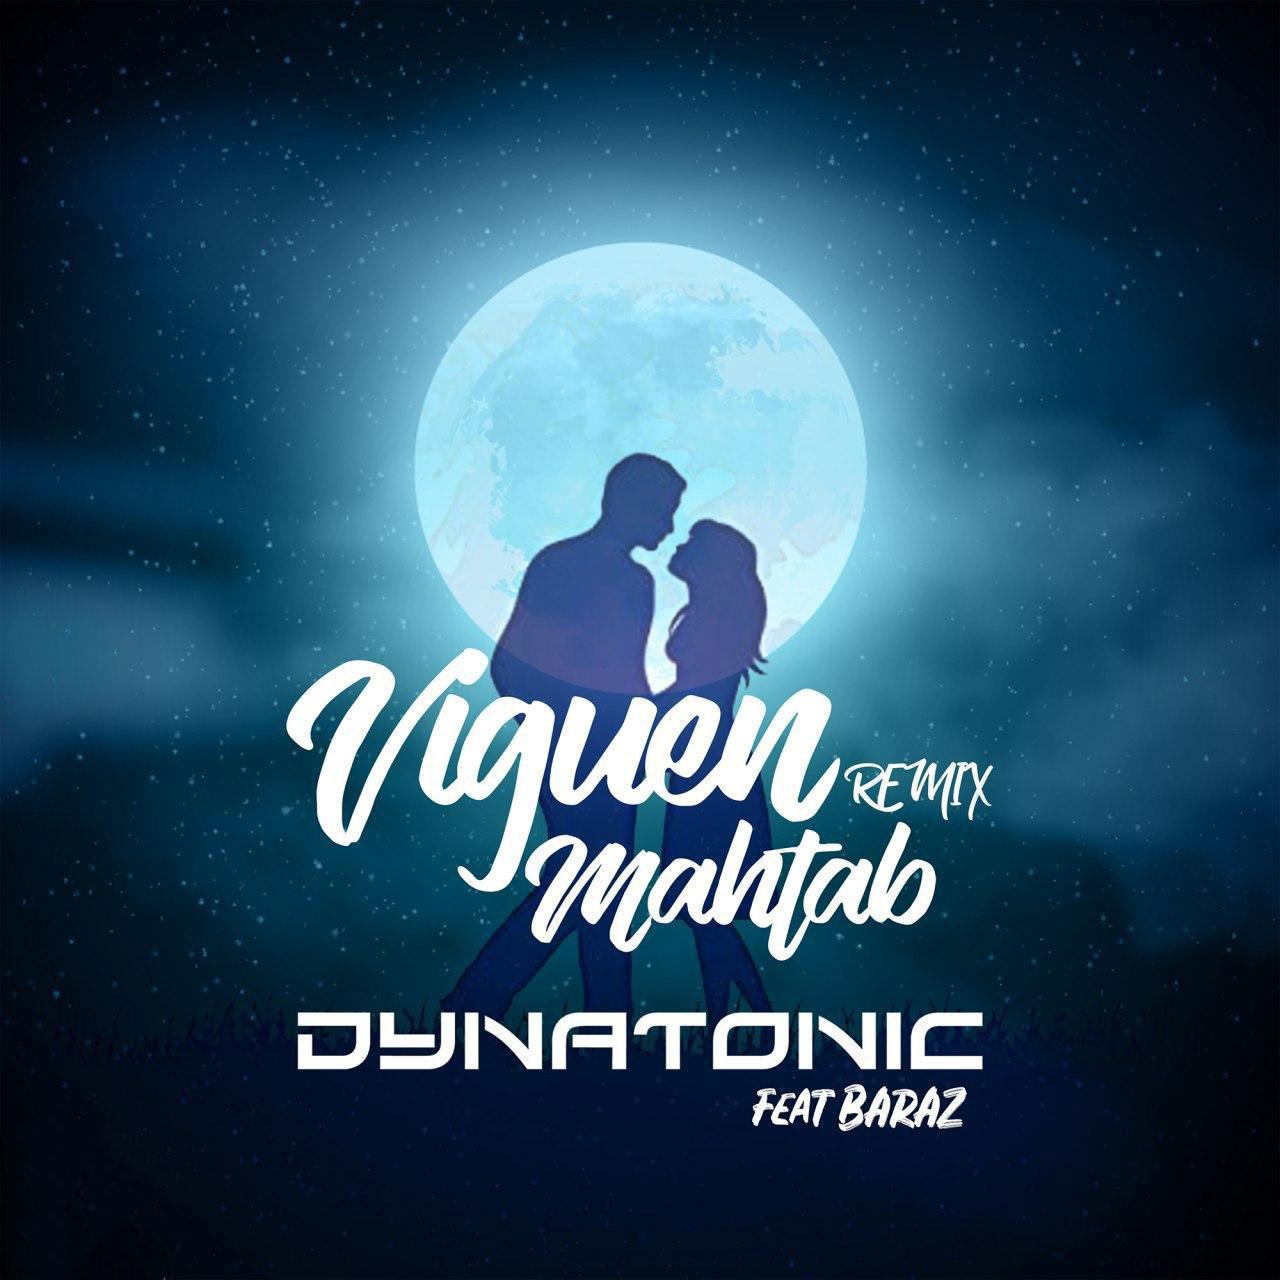 دانلود آهنگ Viguen مهتاب (Dynatonic & Baraz Remix)